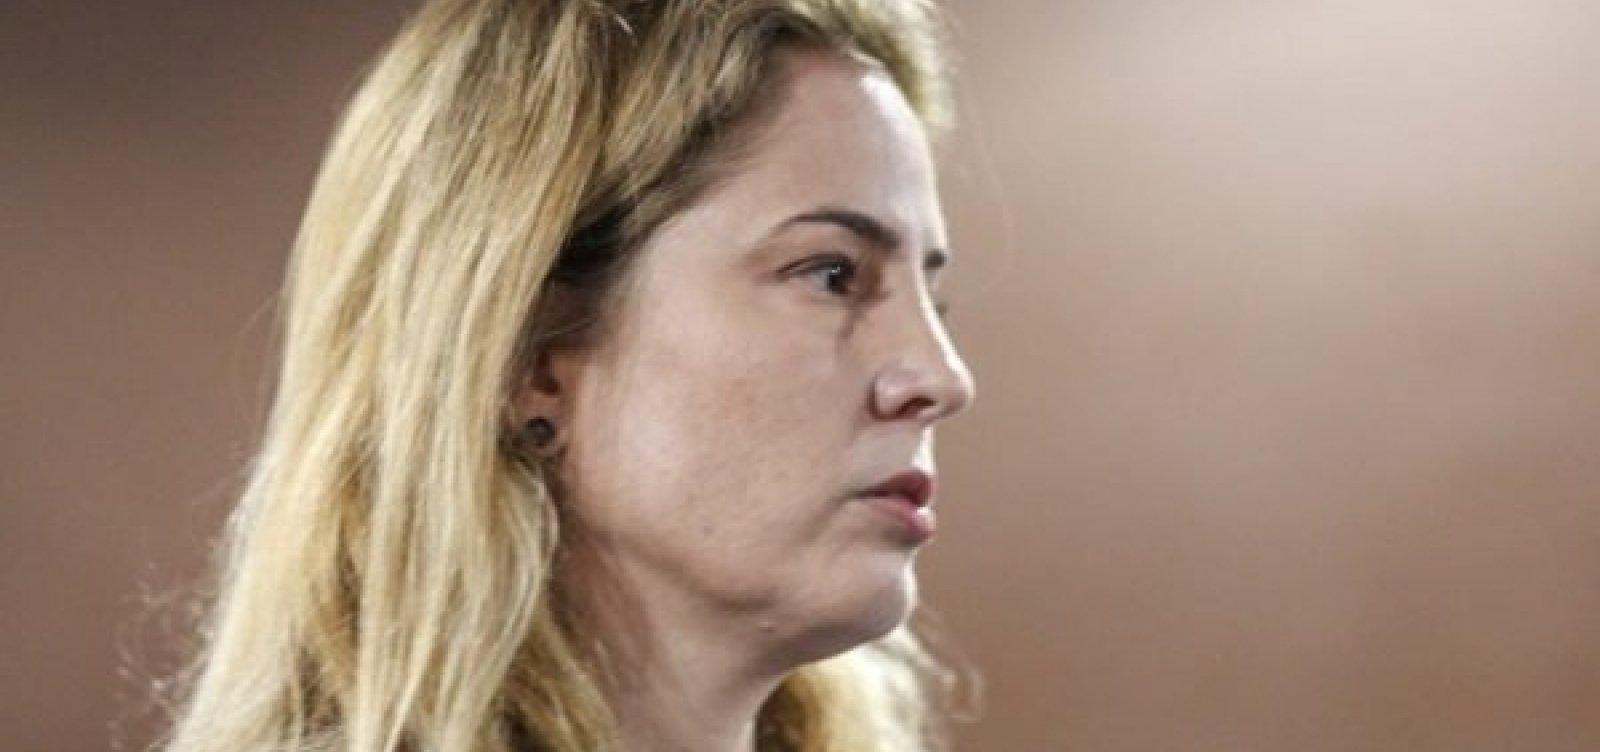 [Substituta de Moro pretende processar criminalmente responsável se tiver conversas vazadas]